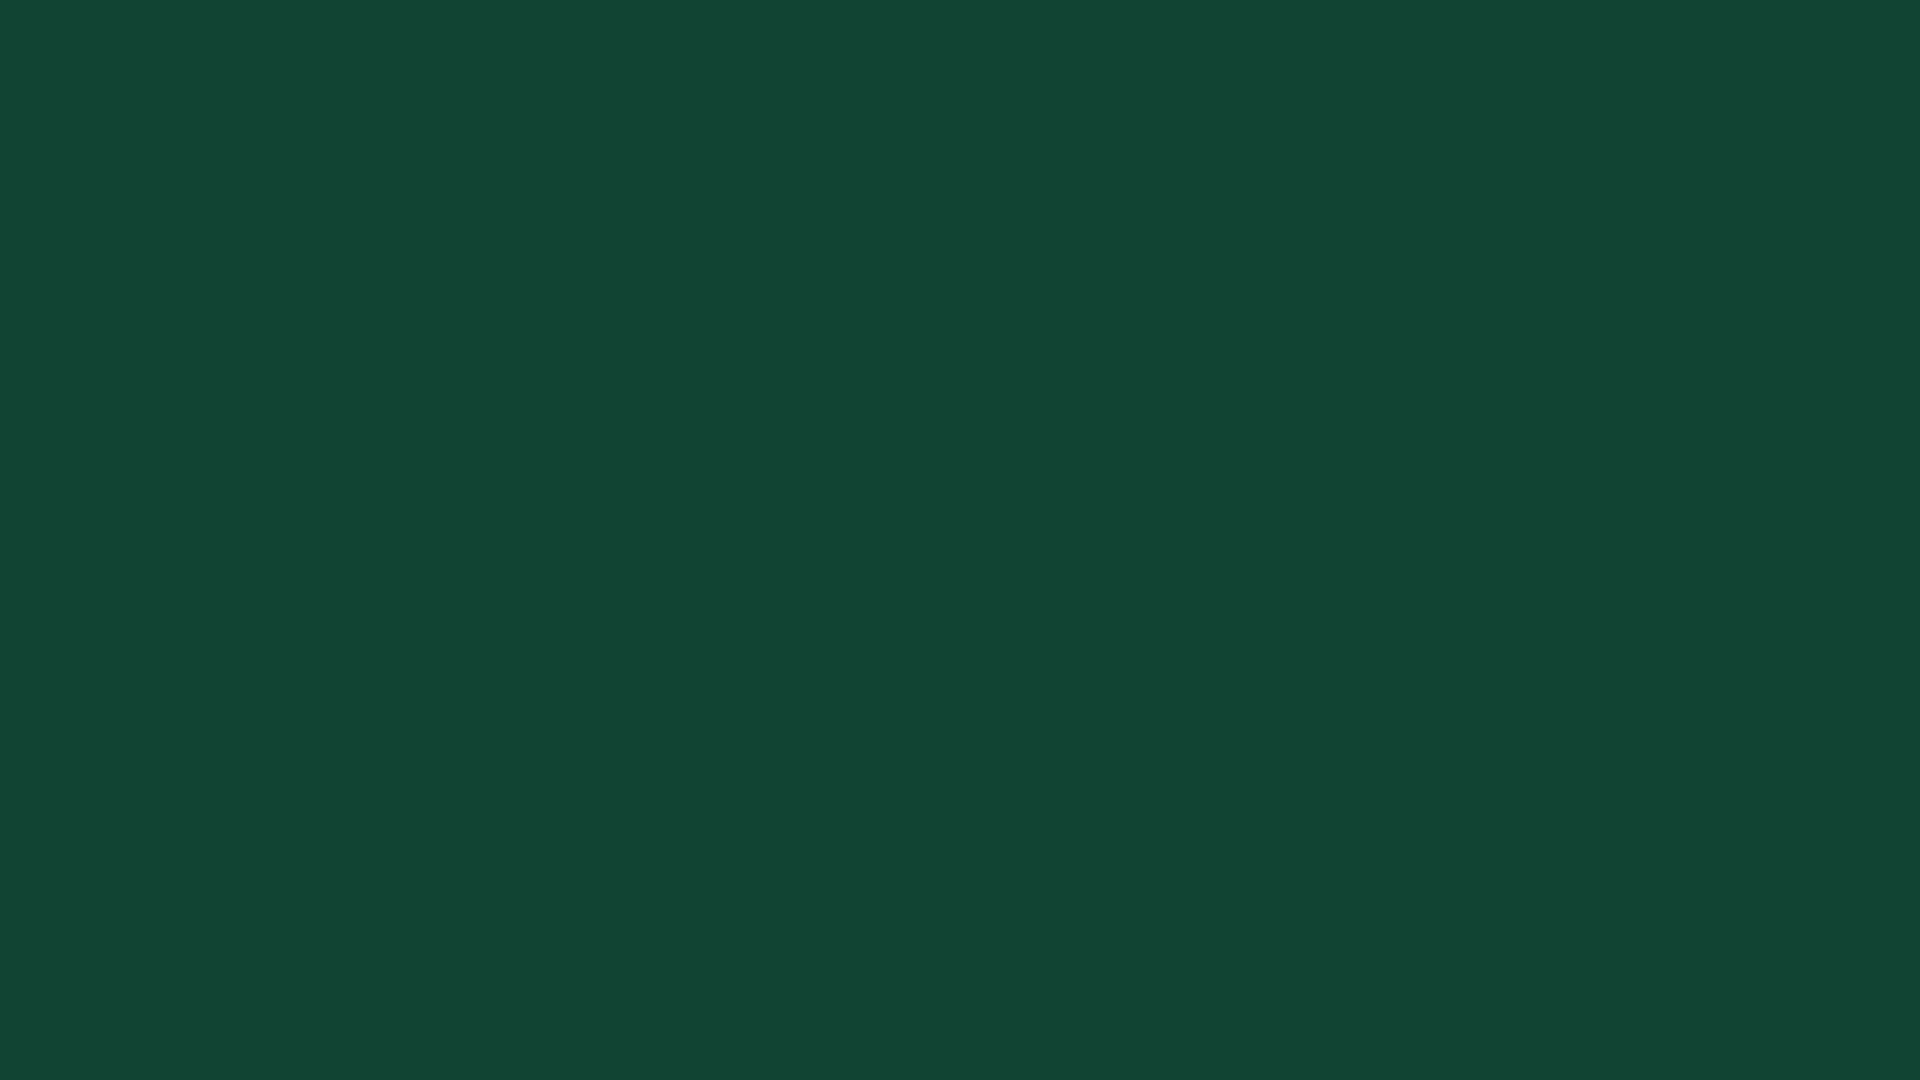 SMS Deurtechniek - RAL 6005 - mosgroen